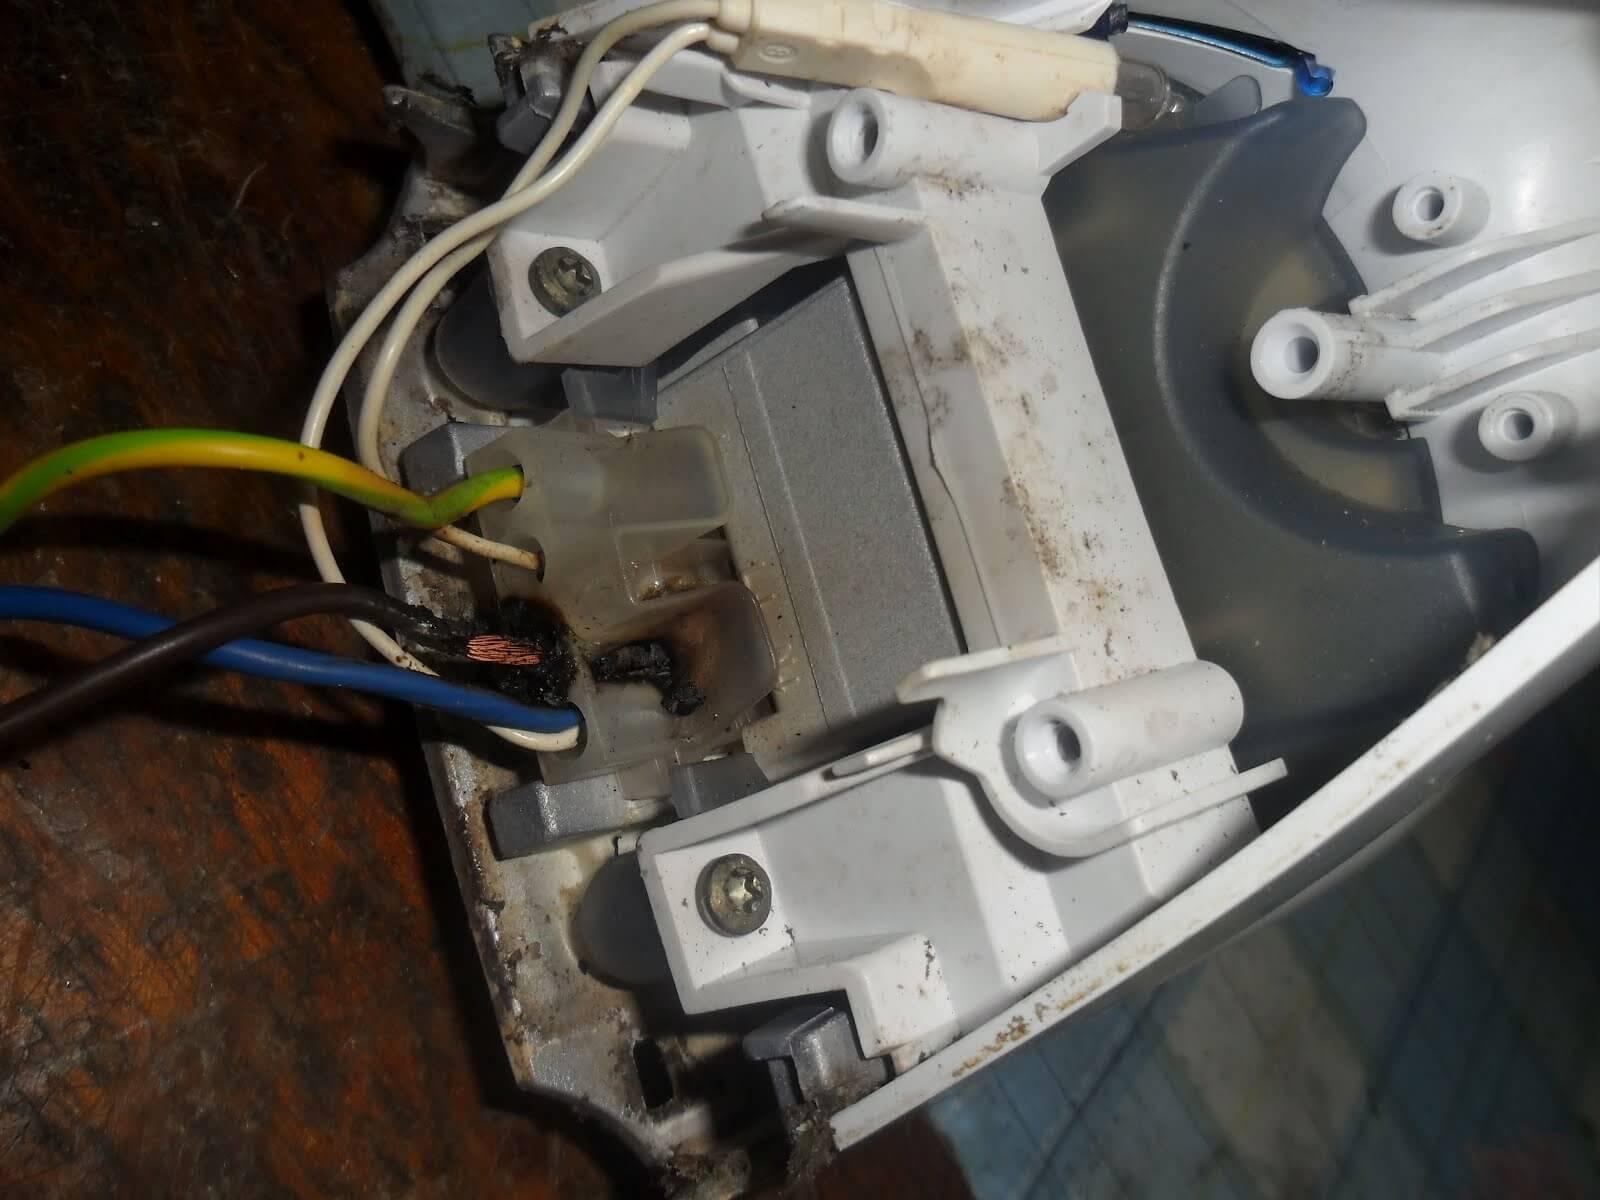 Оплавились провода на утюге